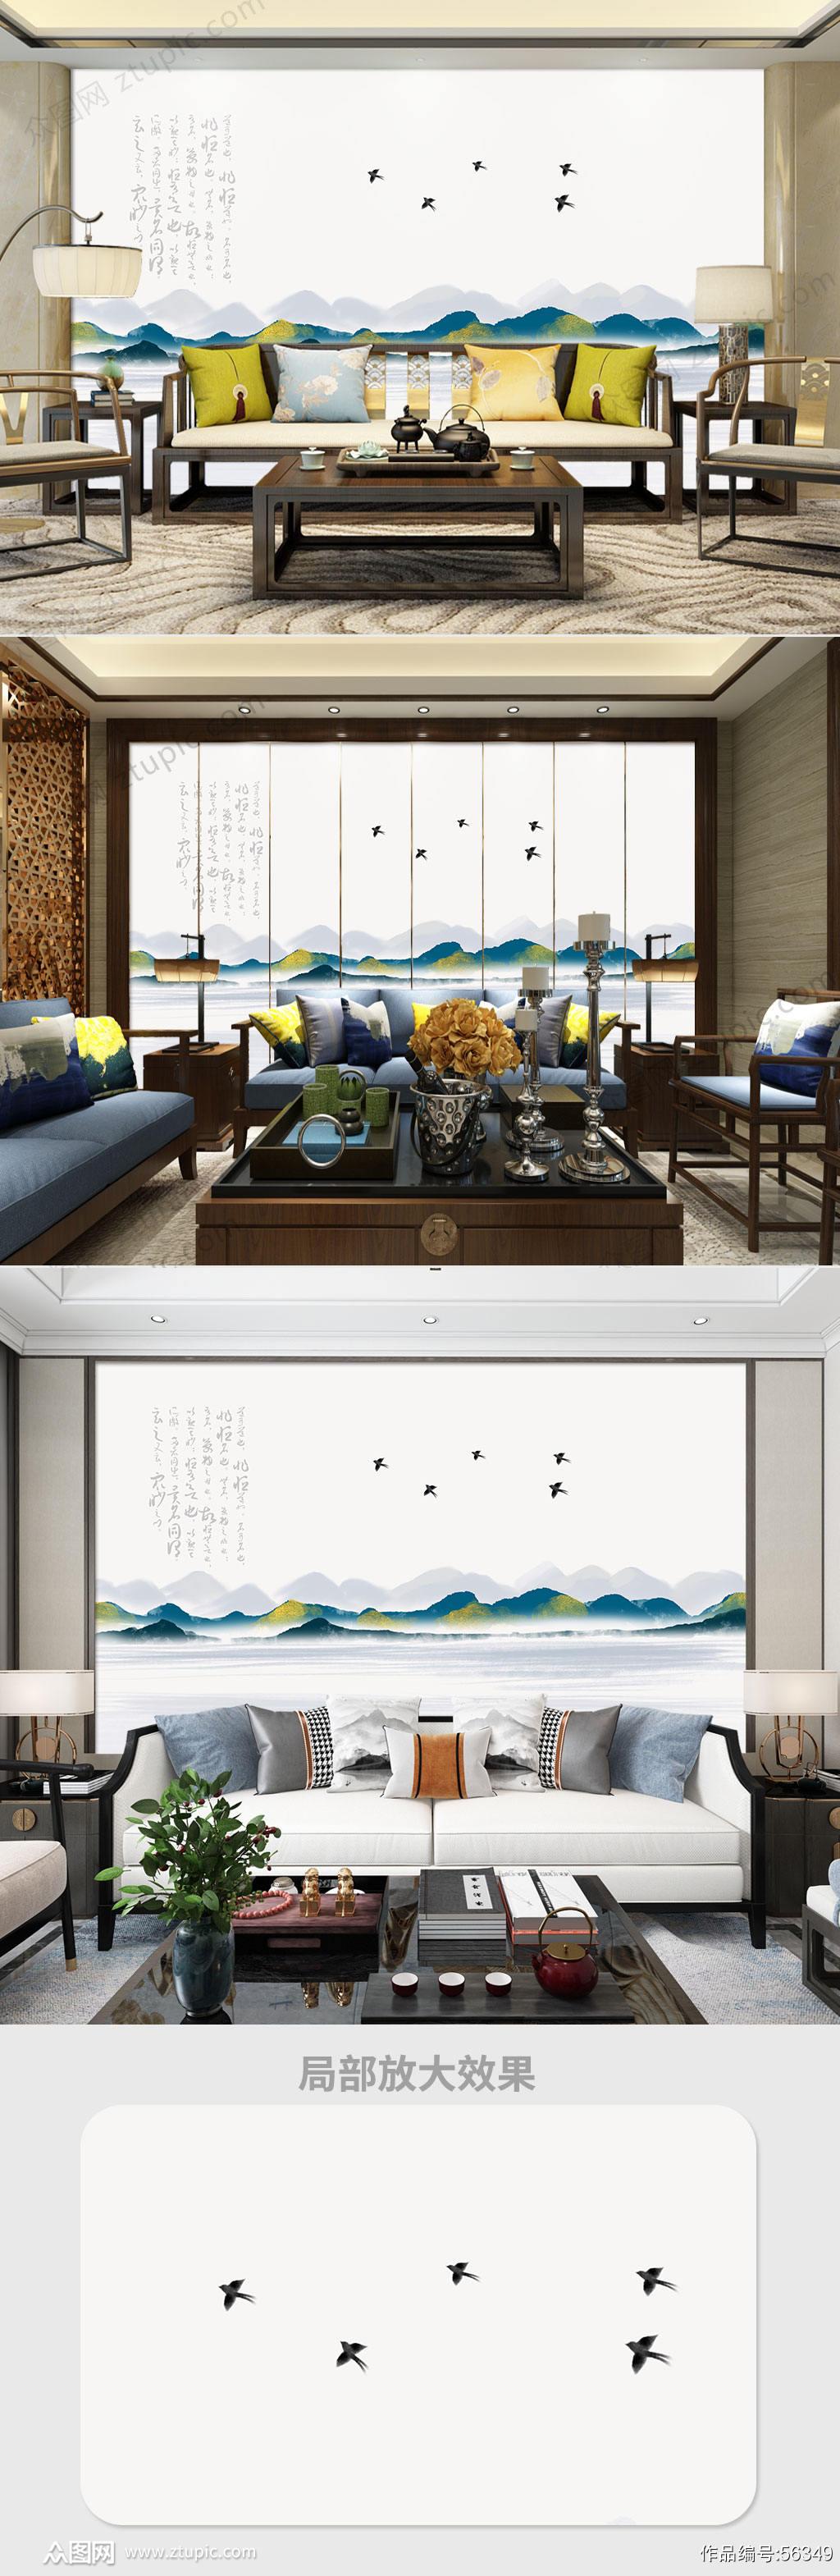 抽象山水意境电视背景墙素材